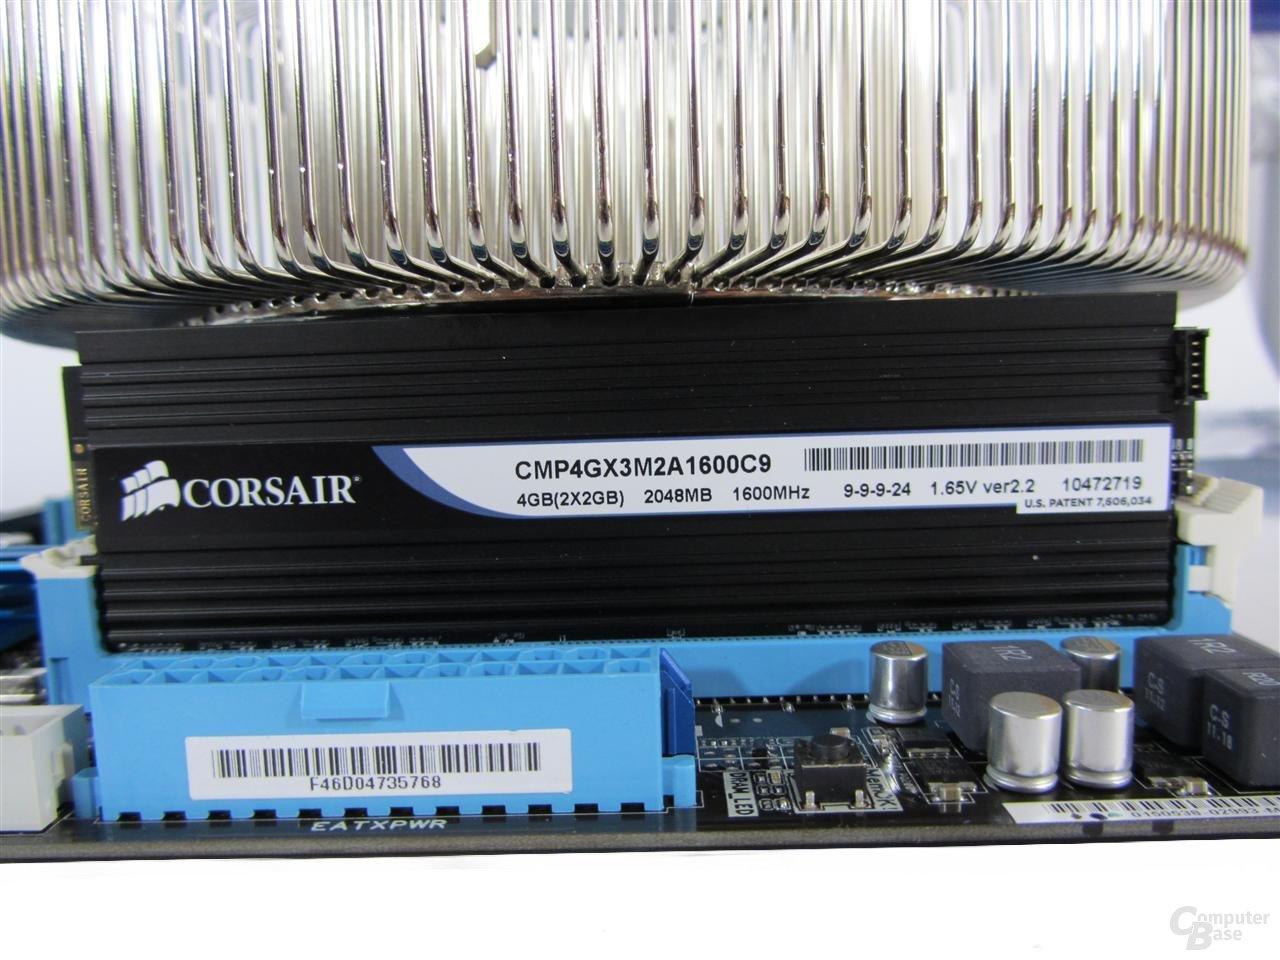 Nofan CR100A – Inkompatibilität mit großen Heatspreadern